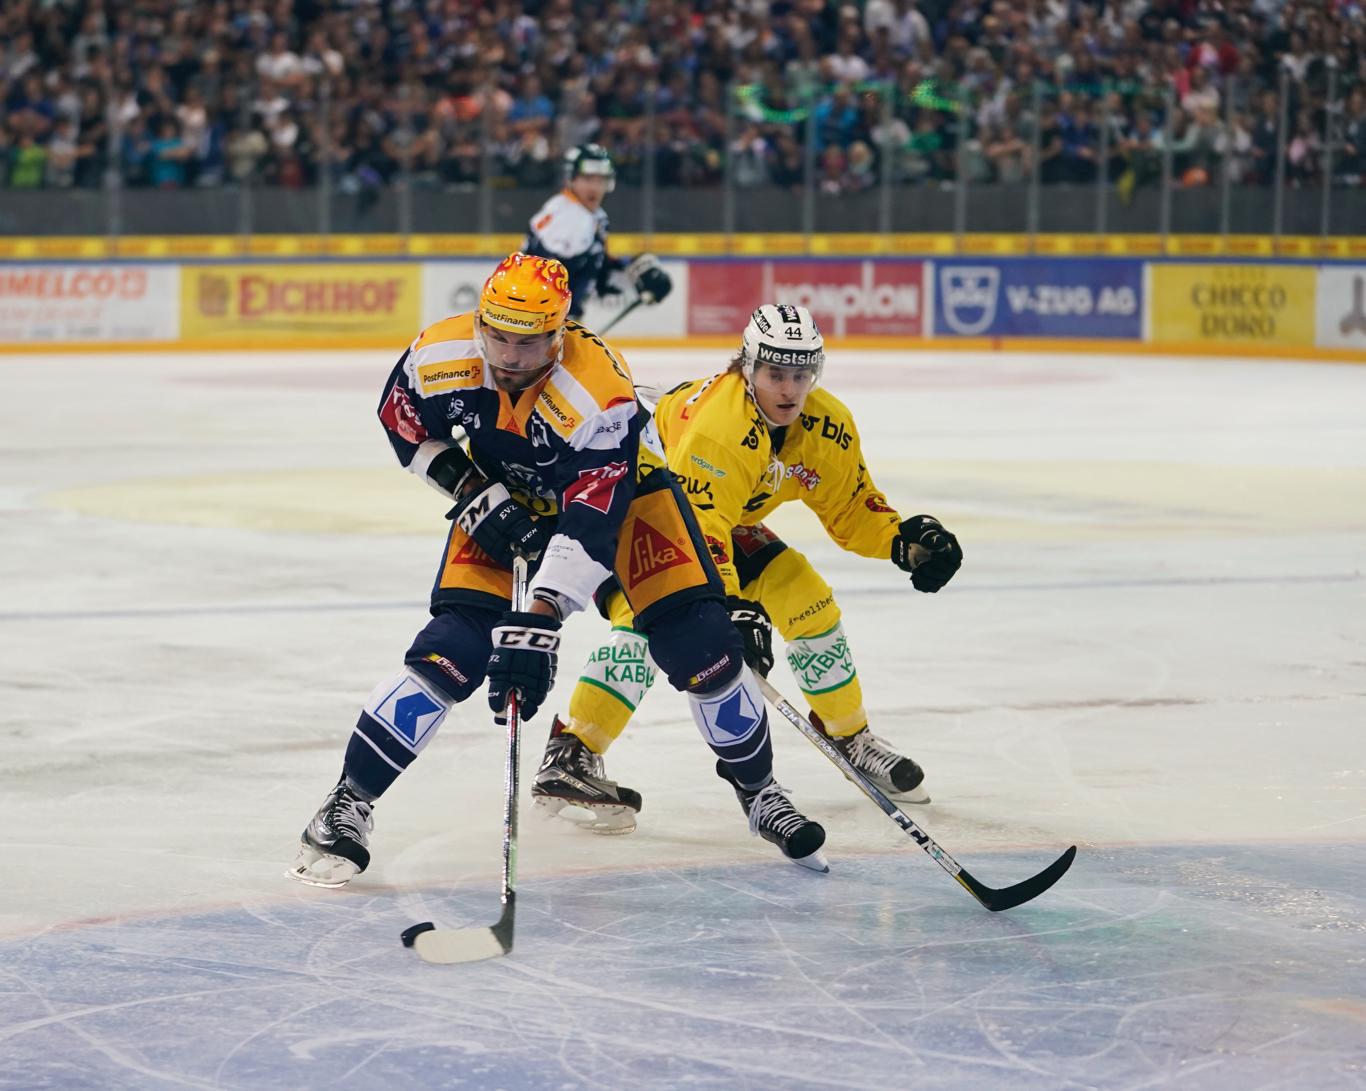 Die Nummer 25, Viktor Stalberg, im Zweikampf mit André Heim vom SCB.